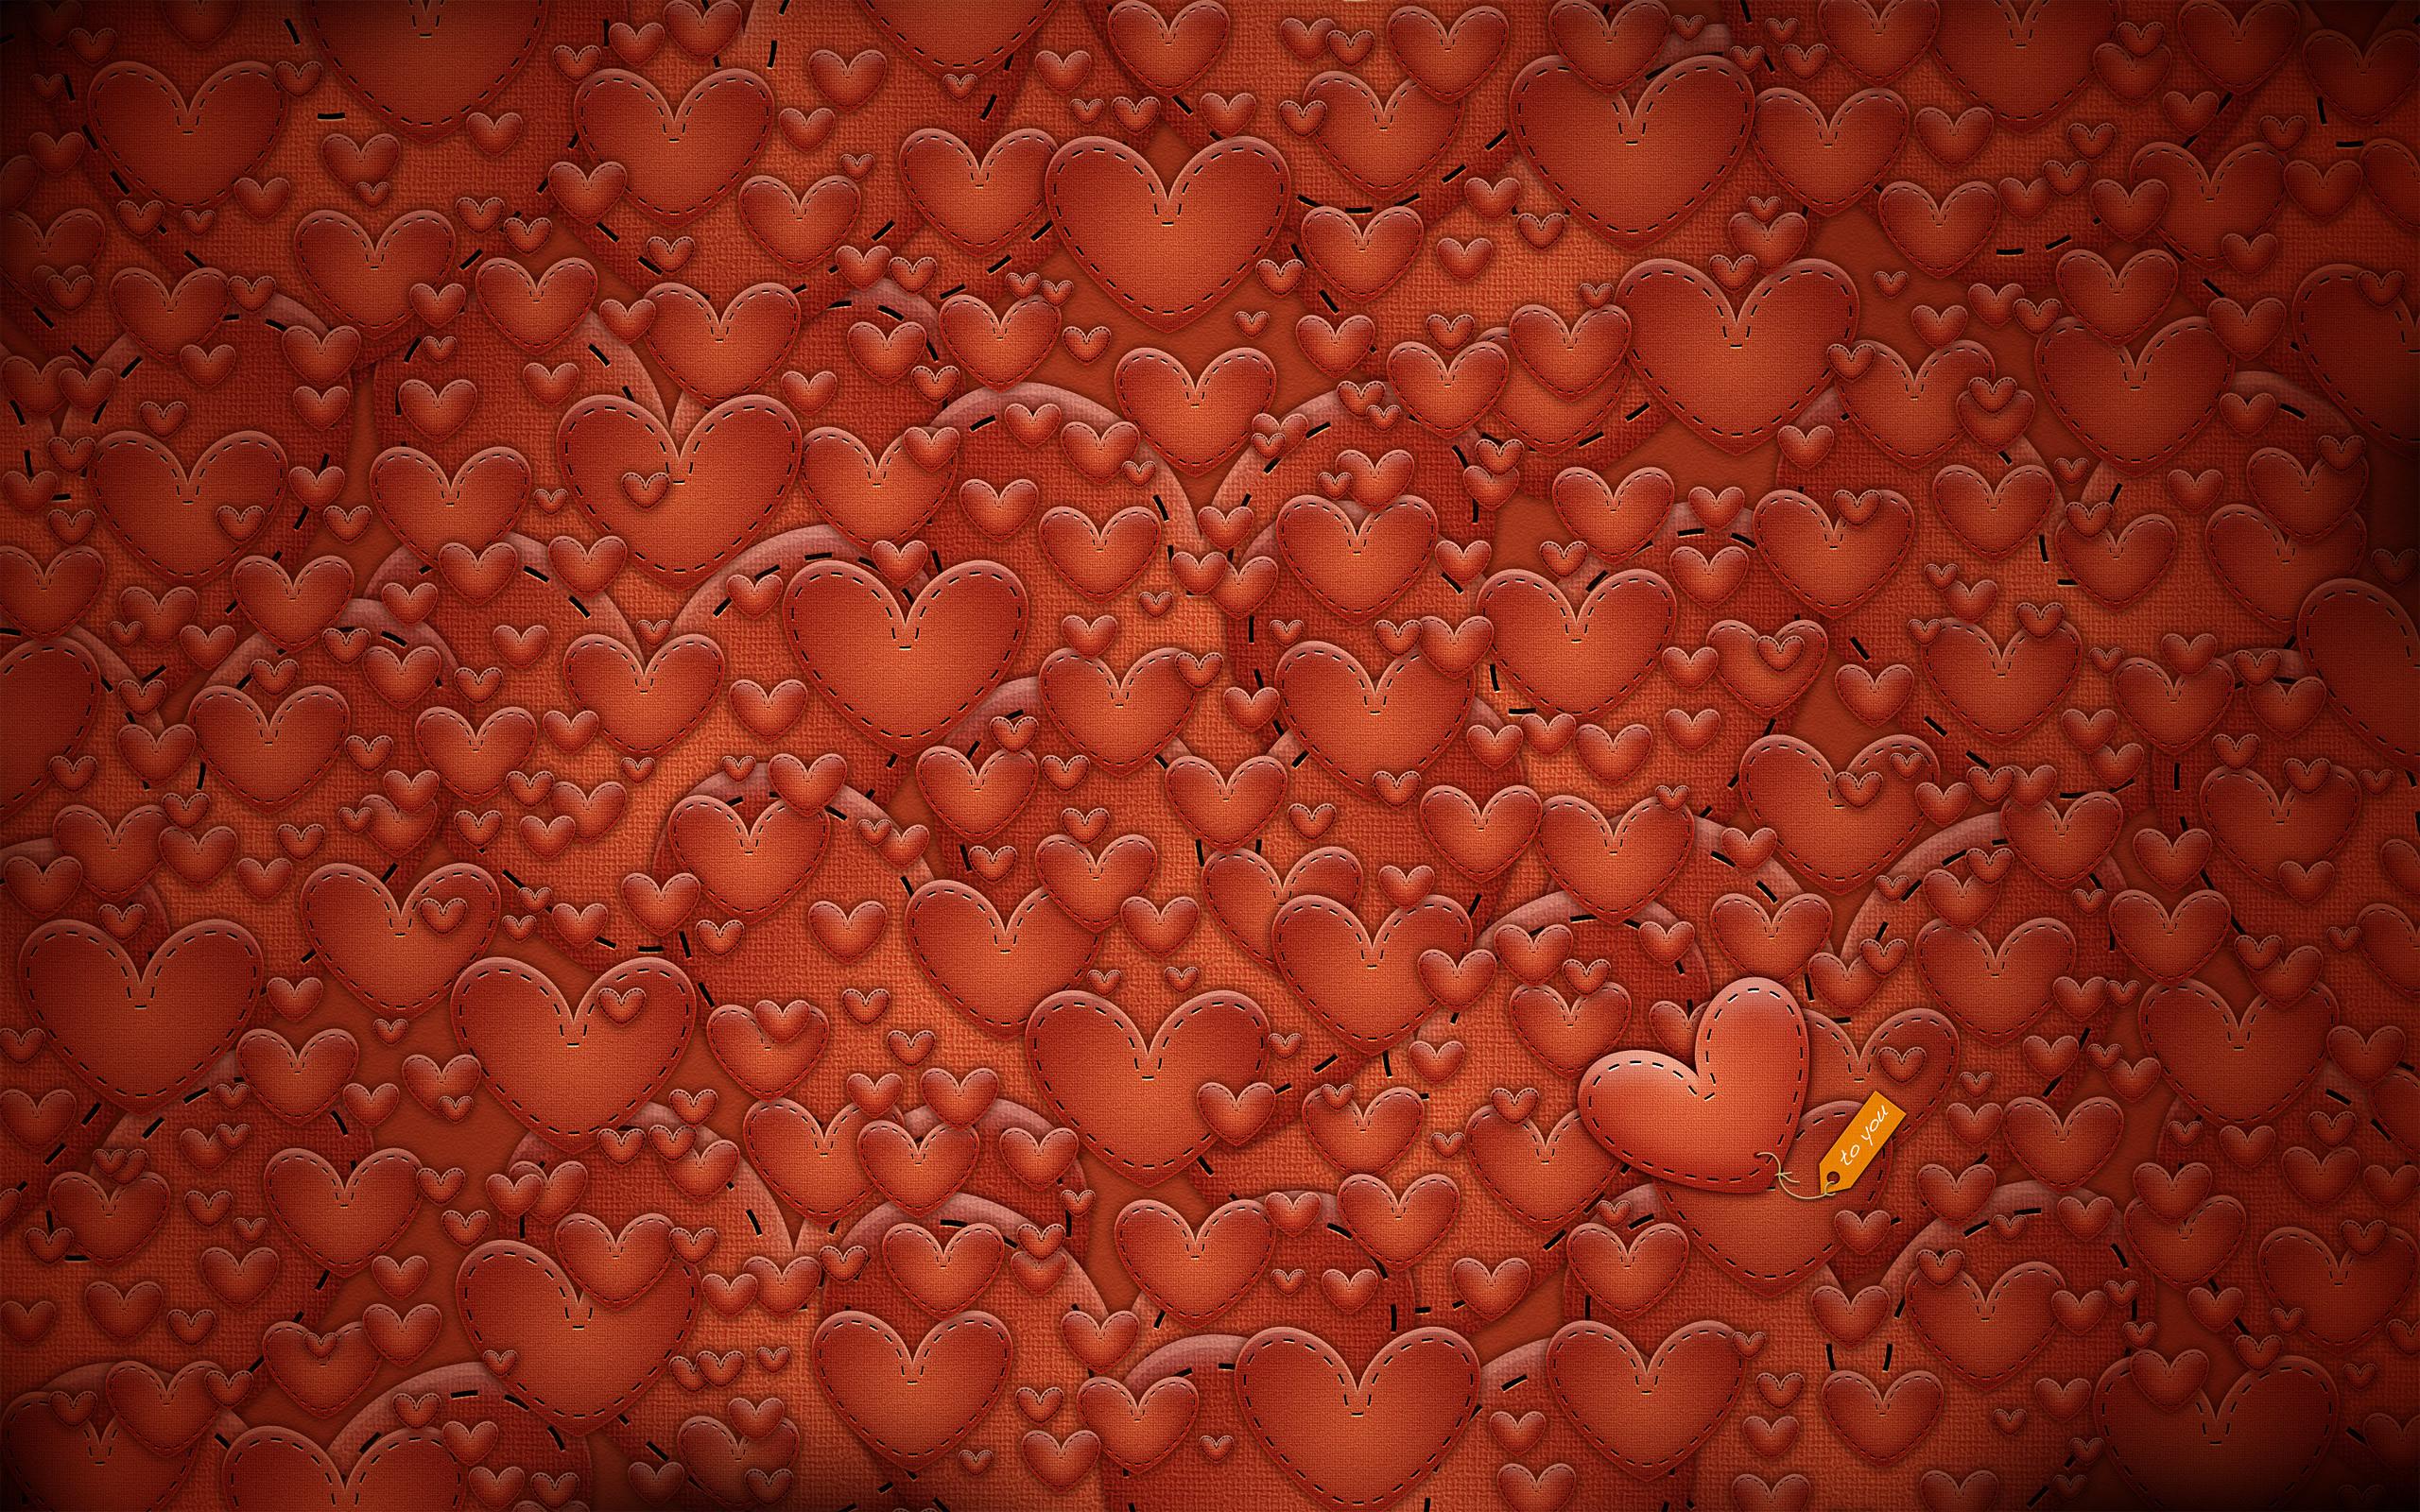 картинки много много сердечек крышка